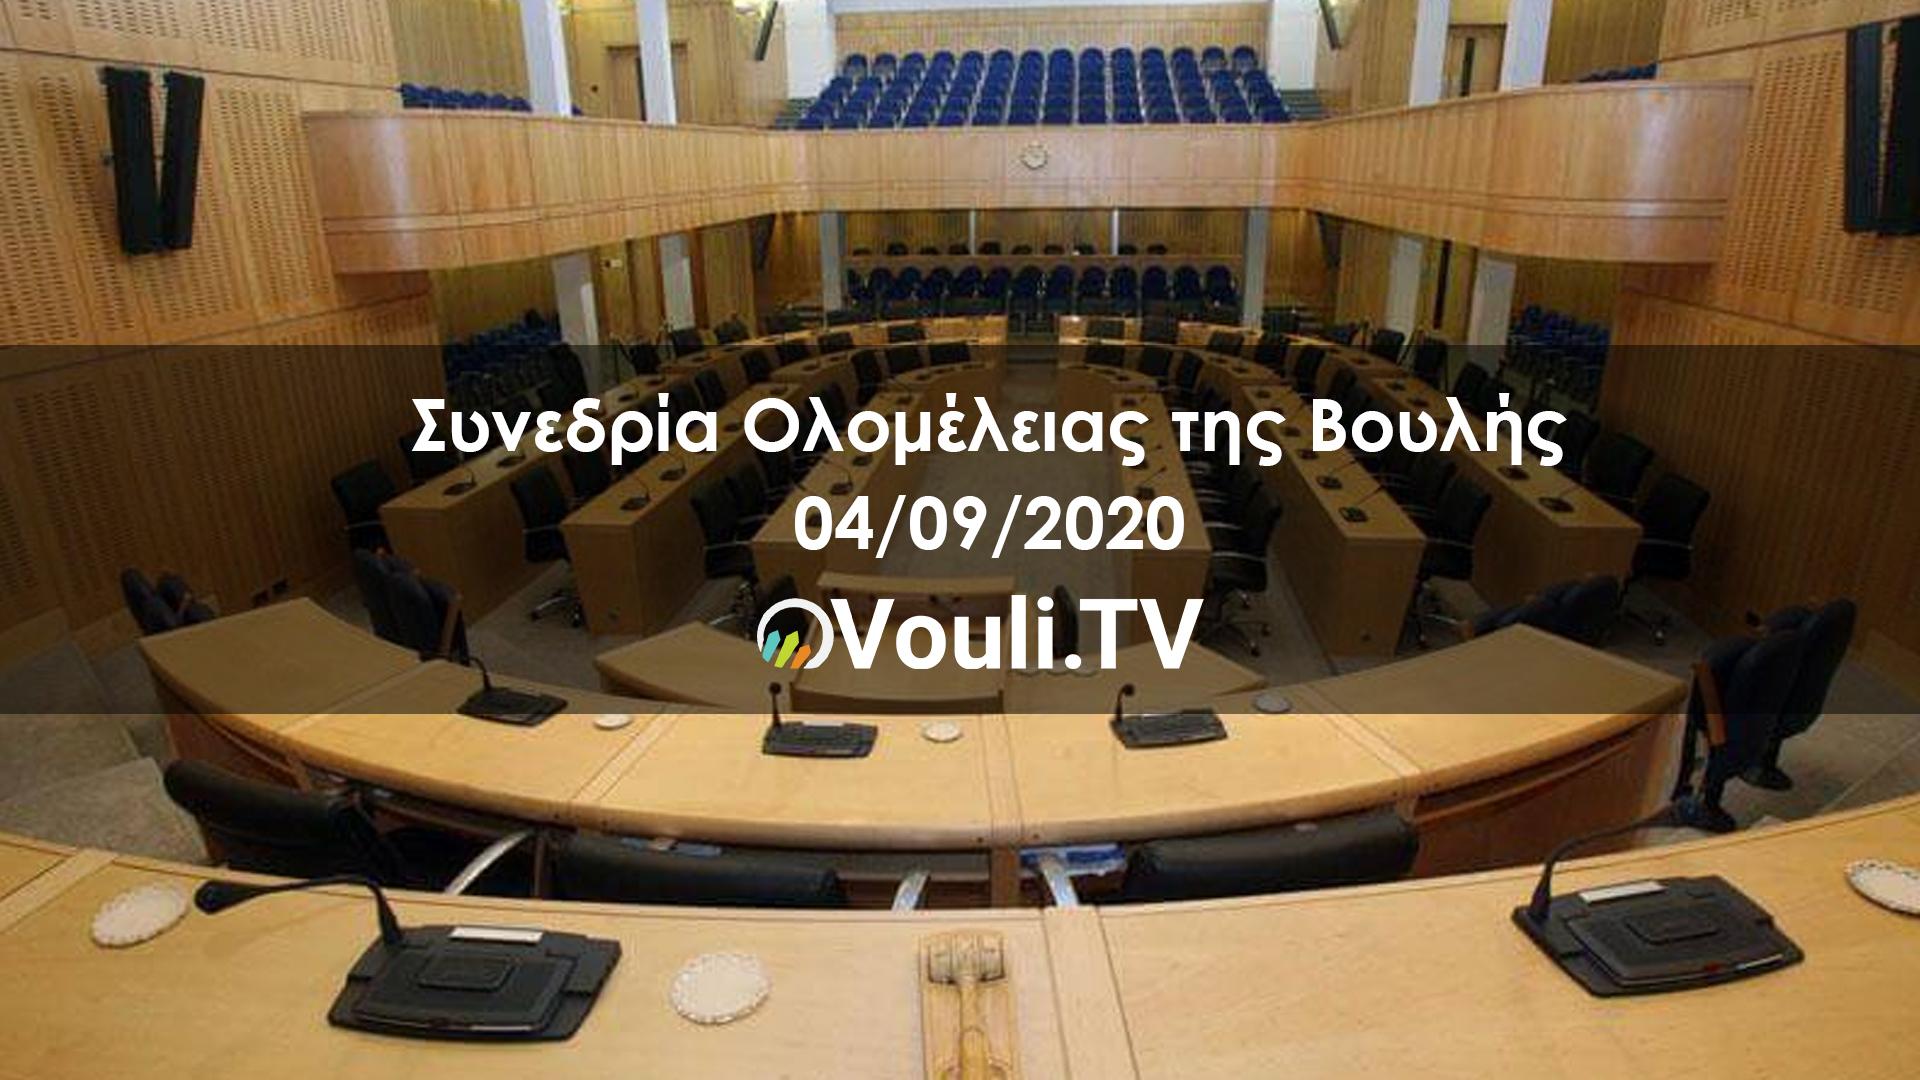 04/09/2020   Συνεδρία Ολομέλειας της Βουλής